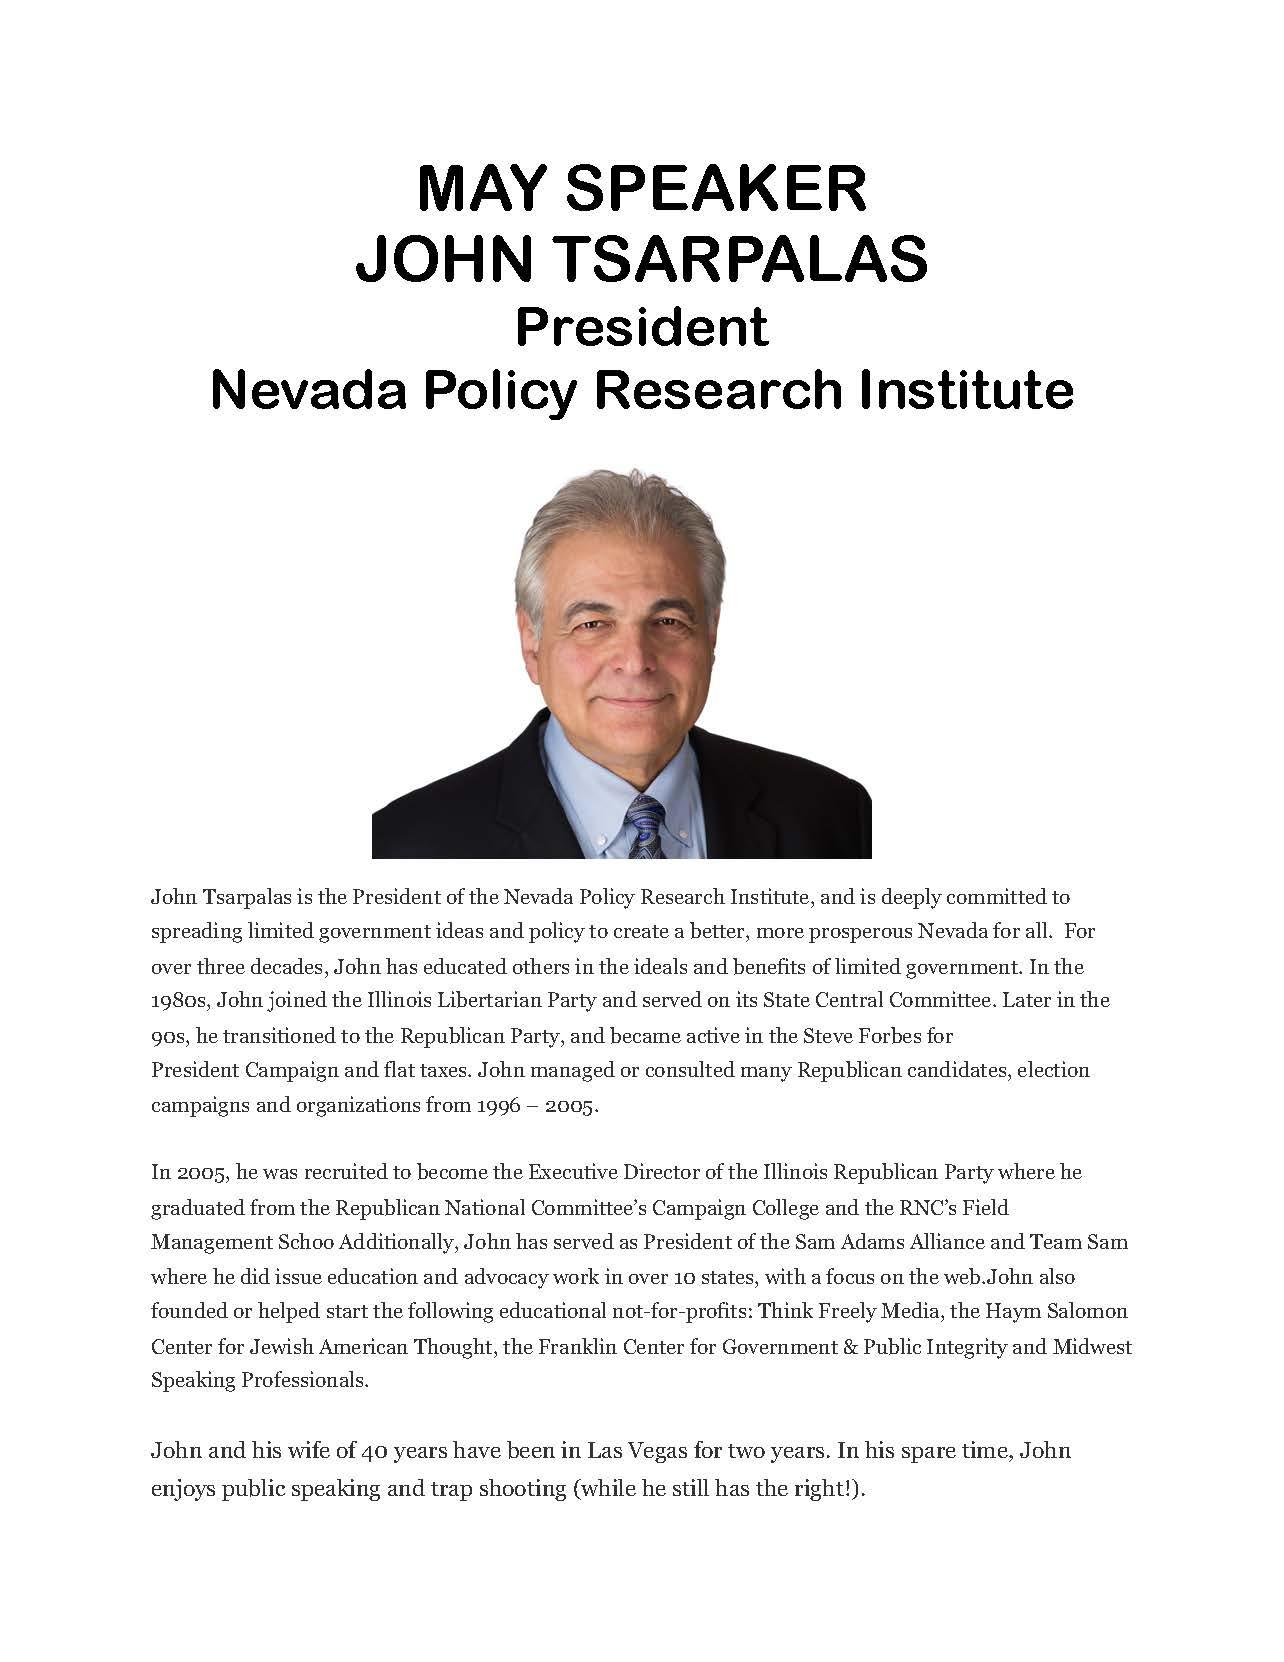 May speaker John Tsarpalas flyer